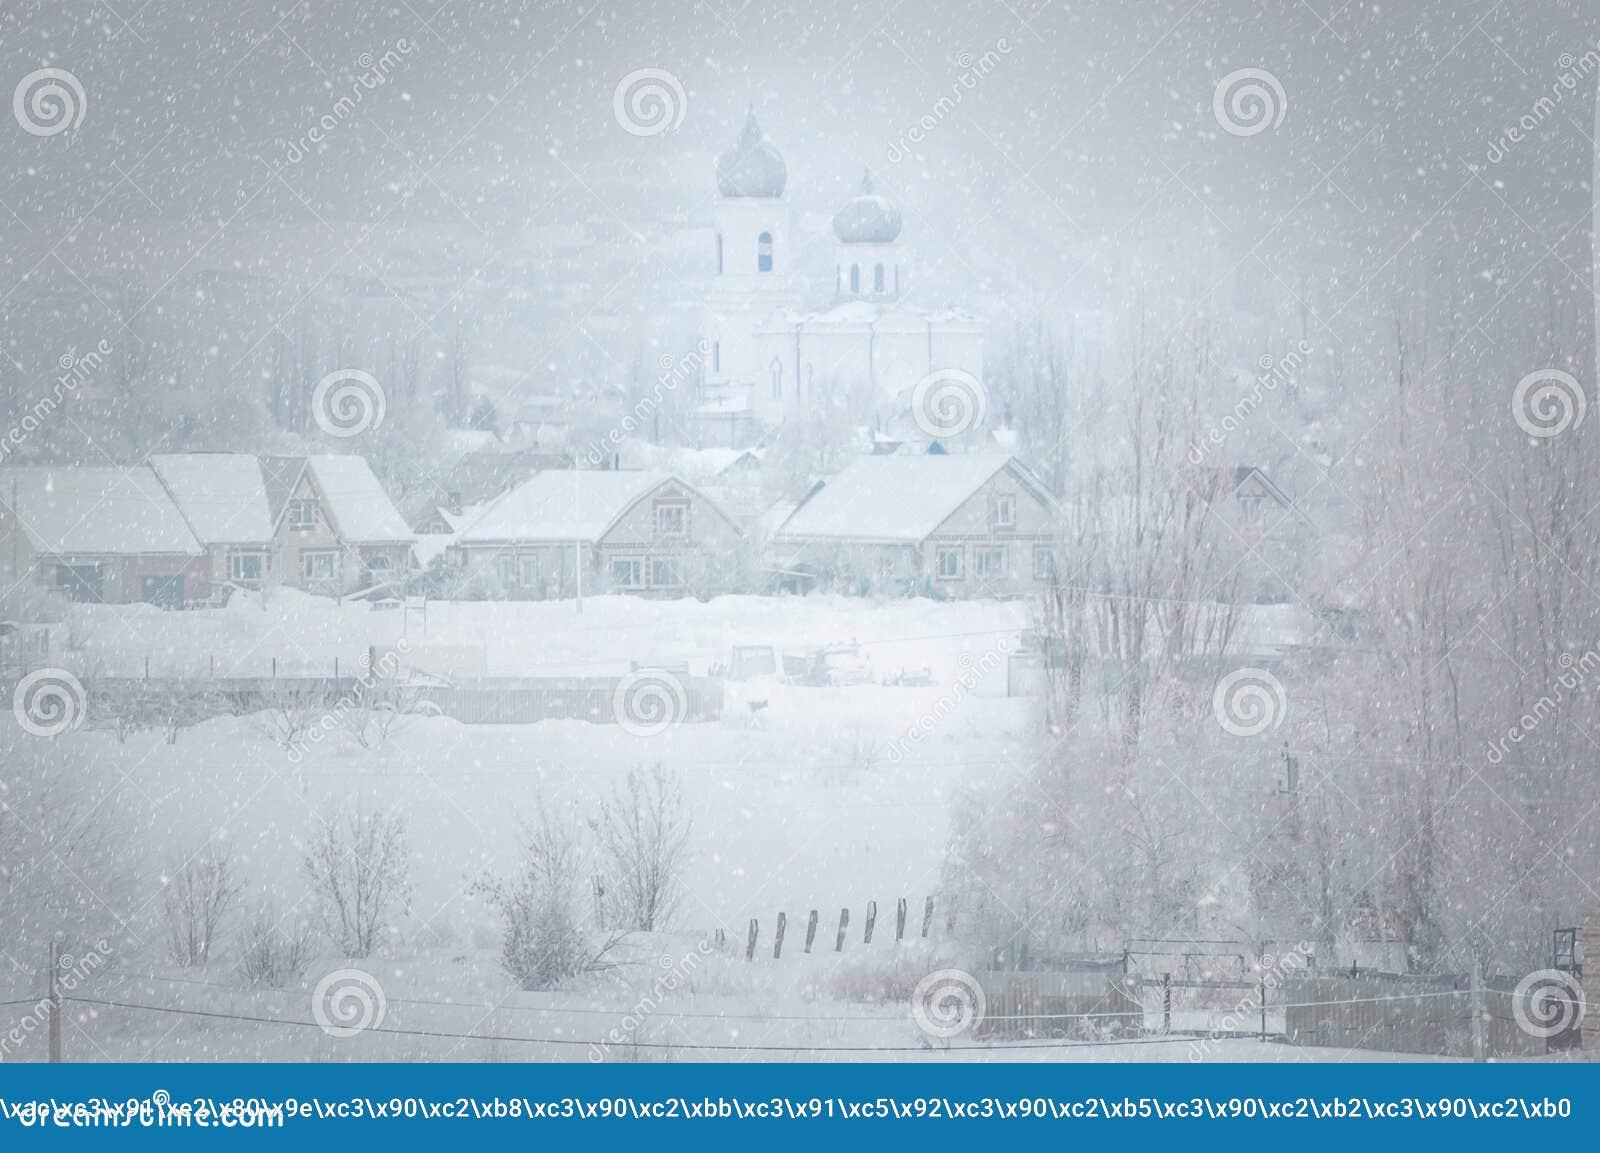 Buturlinovka, região de Voronezh de Rússia, o 3 de fevereiro de 2019 Tempestade de neve em uma vila do russo